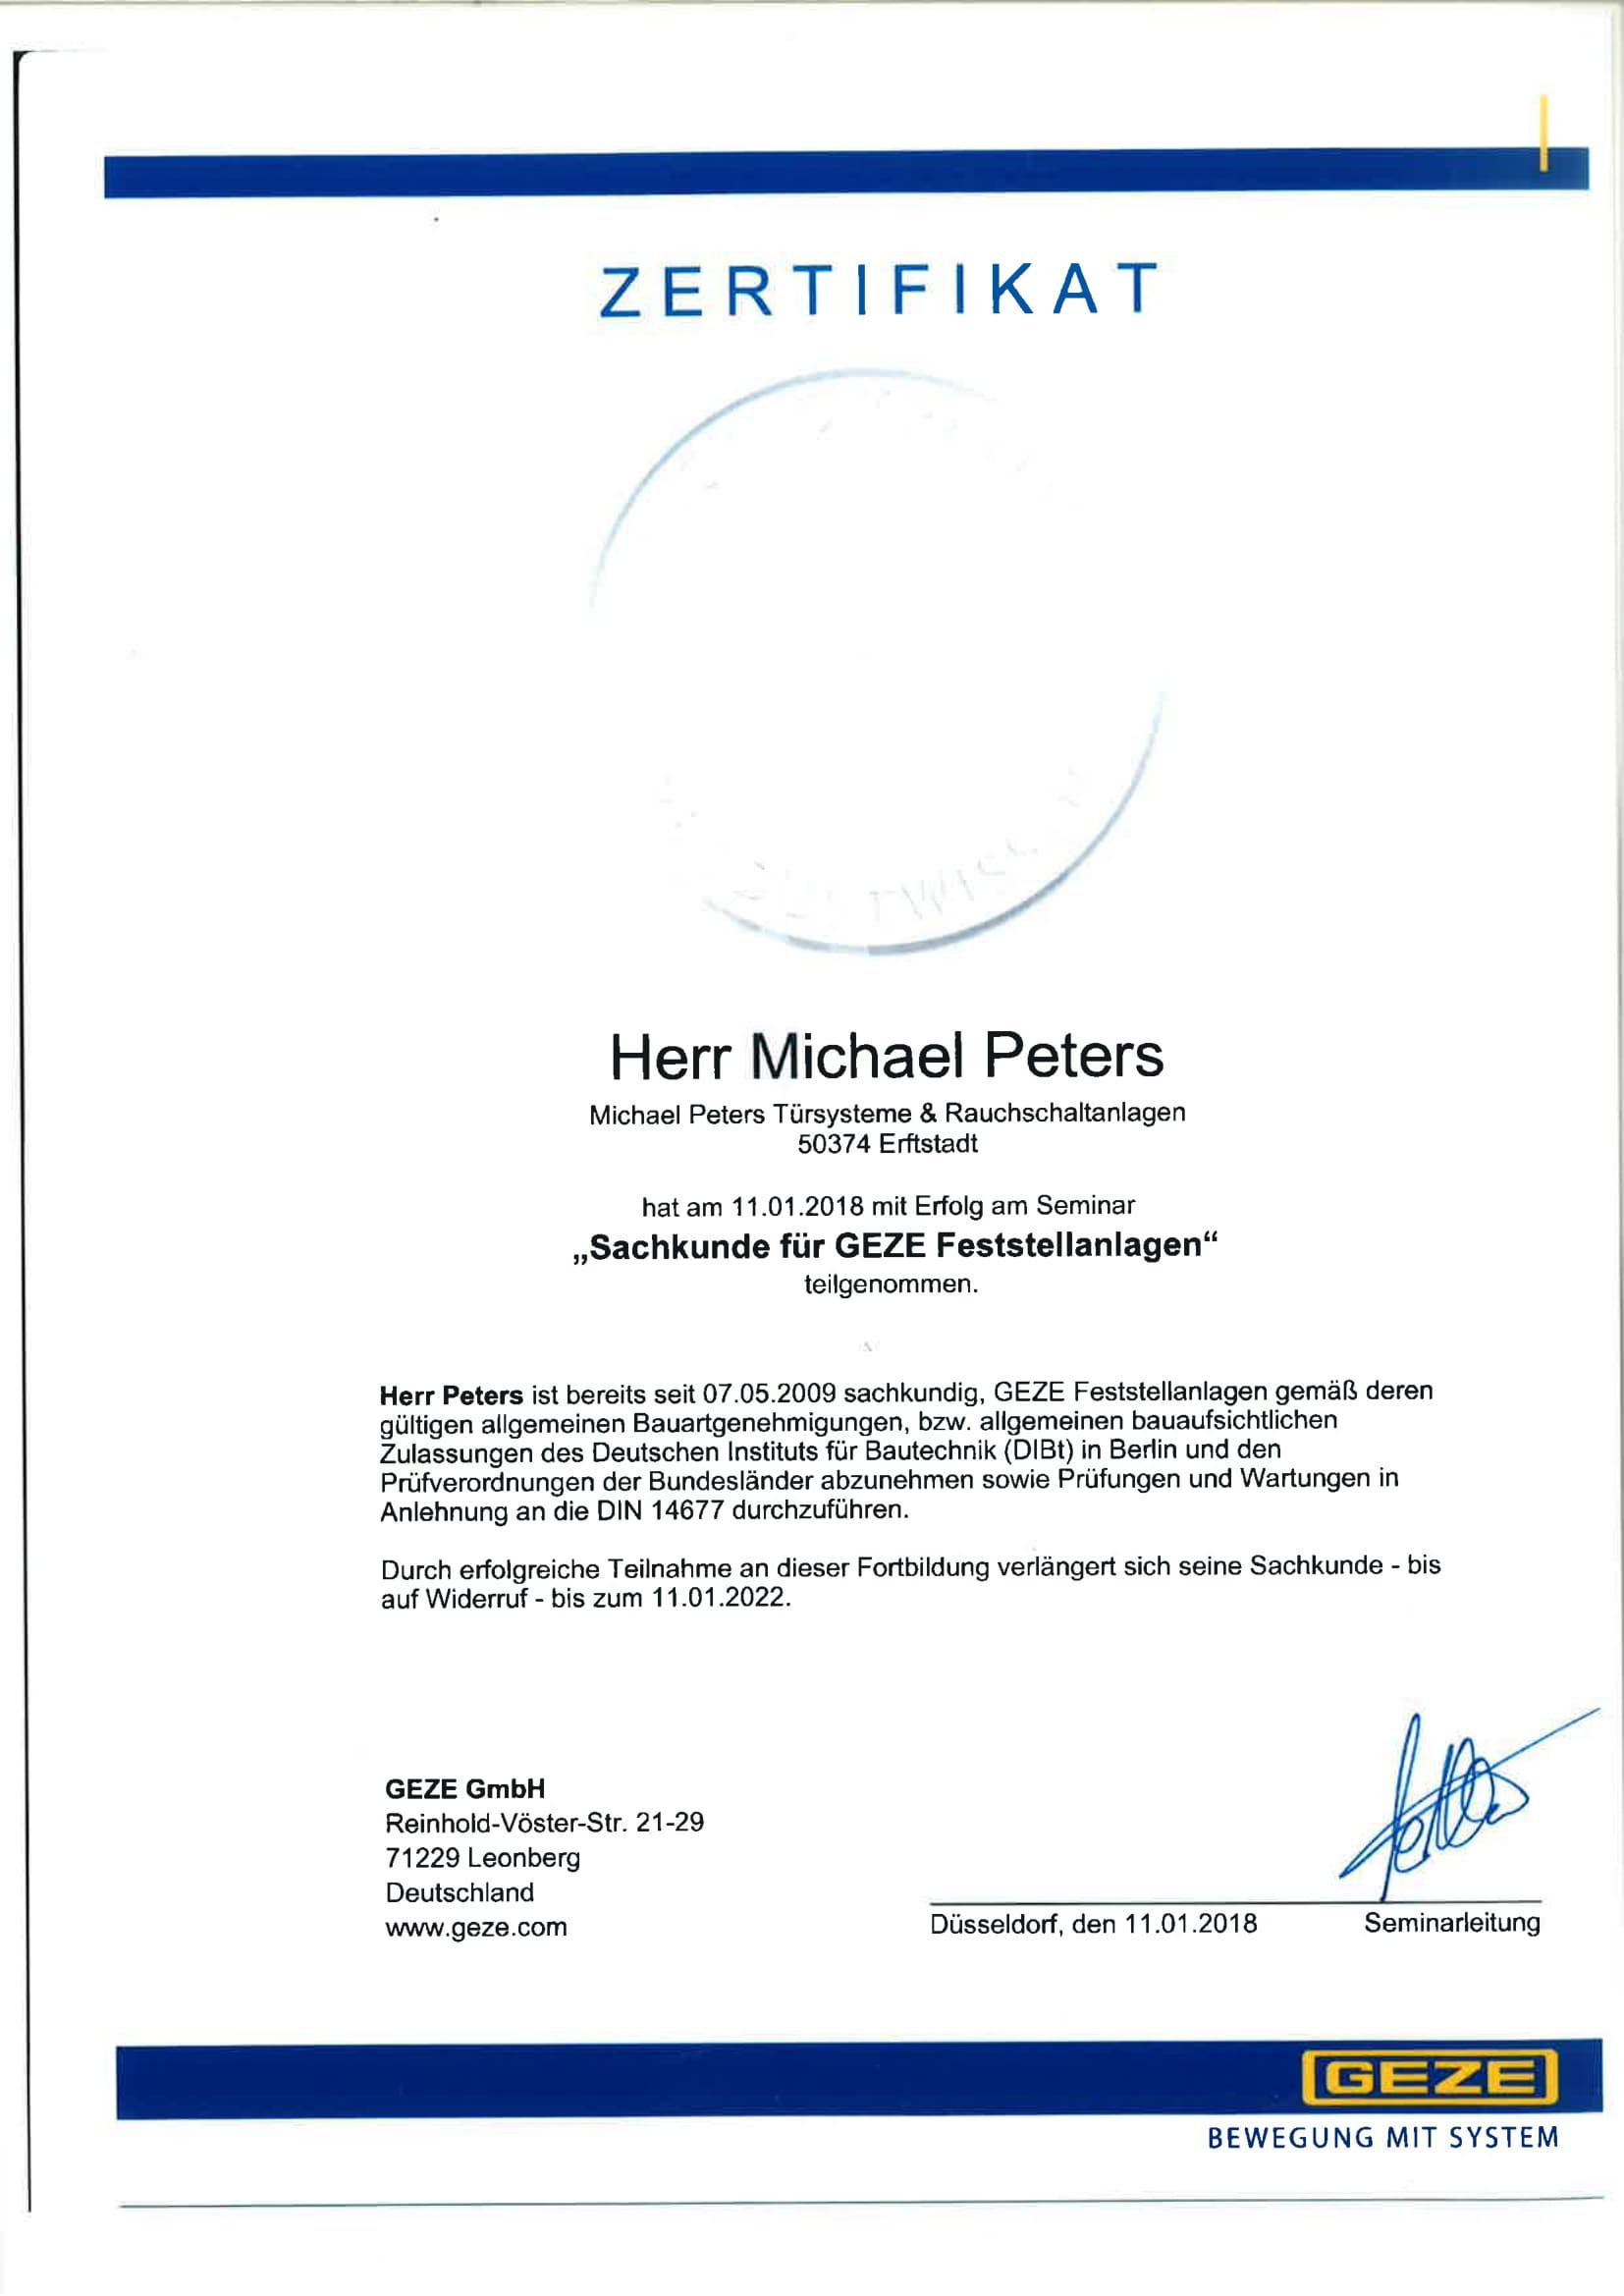 Zertifikat Geze Feststellanlagen